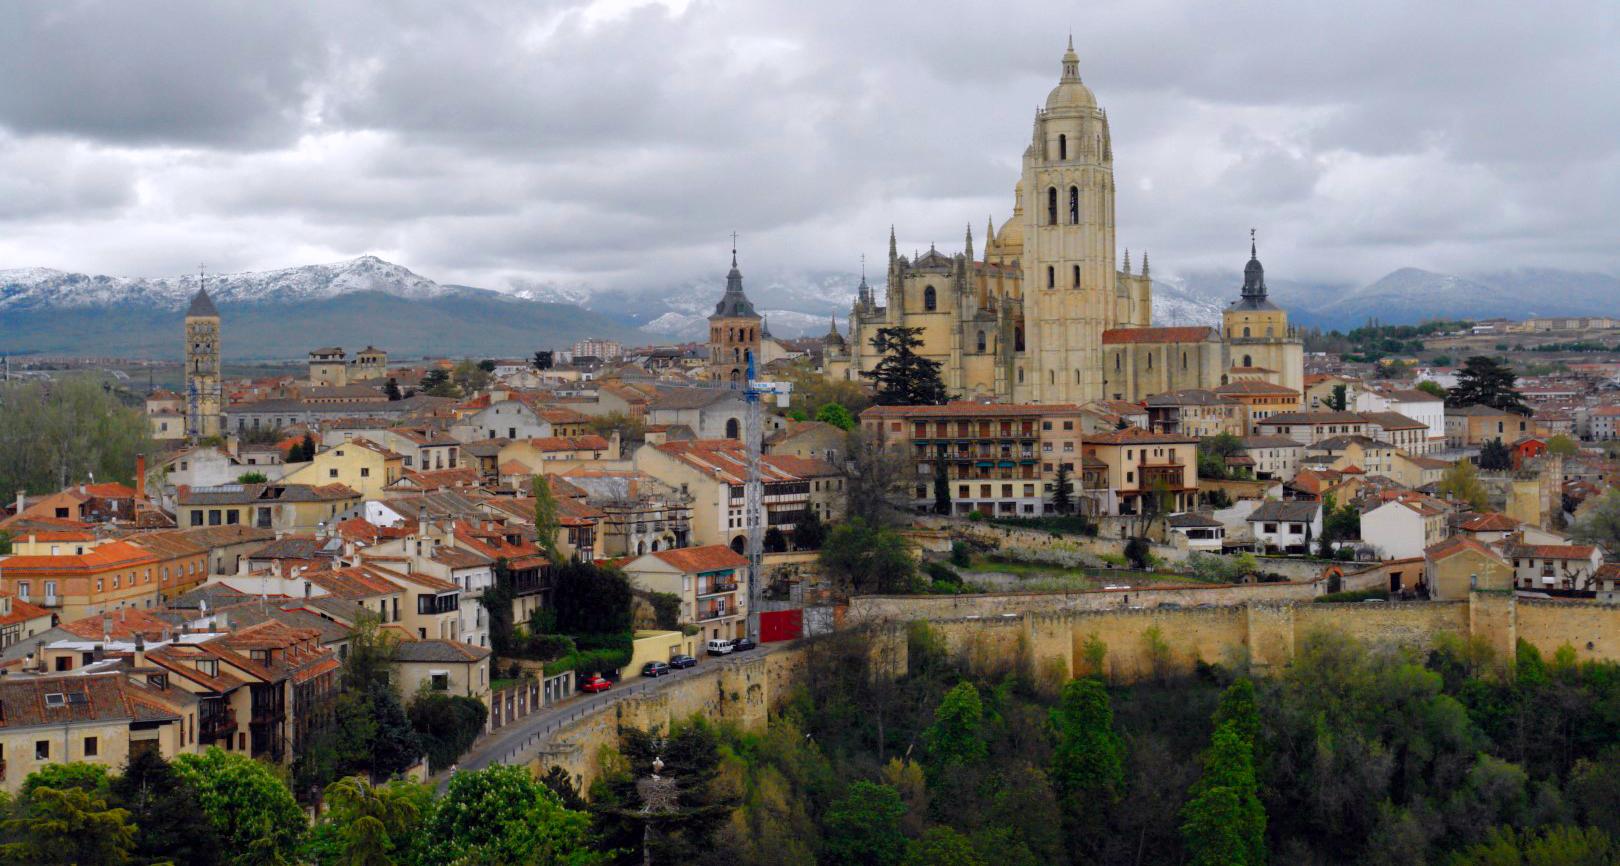 Segovia, España qué ver en segovia - 31061926846 b40a0493fb o - Qué ver en Segovia, España